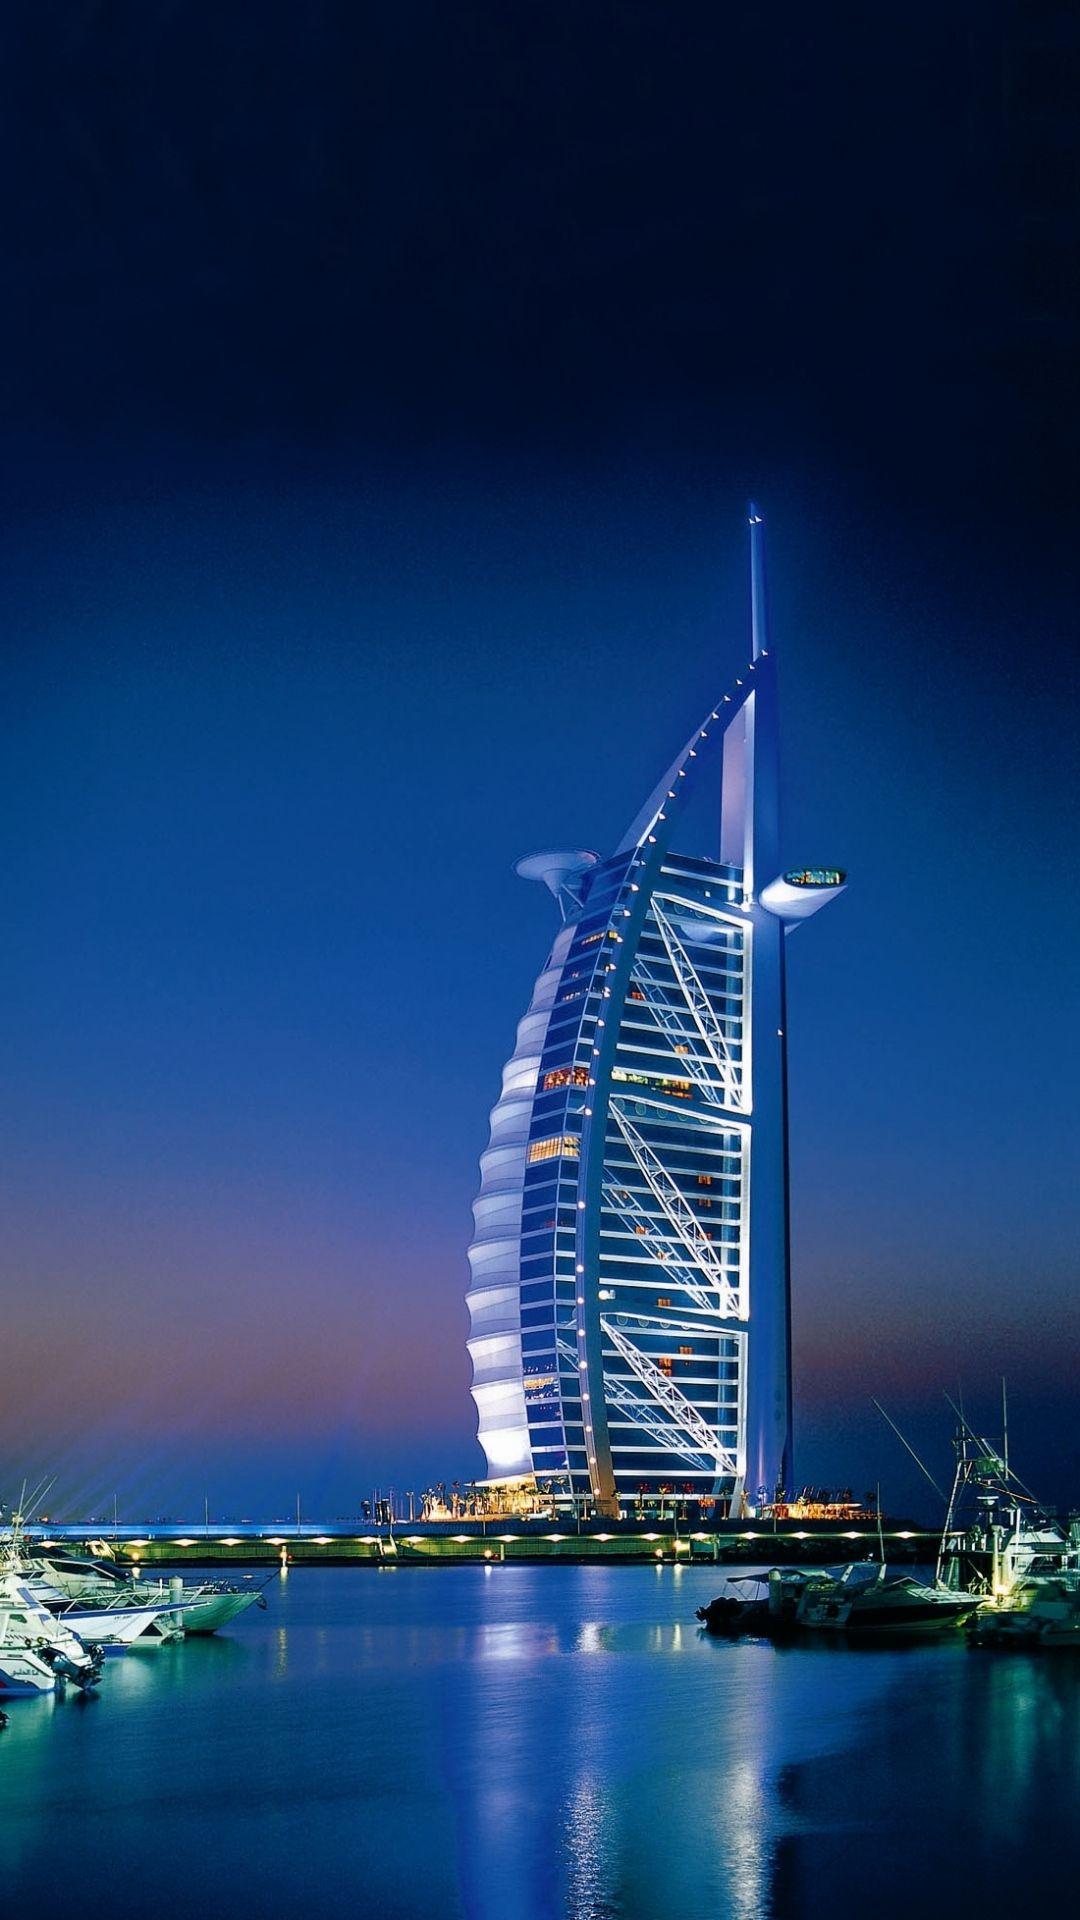 Burj al arab hotel dubai uae burj al arab hotel for Design hotel dubai